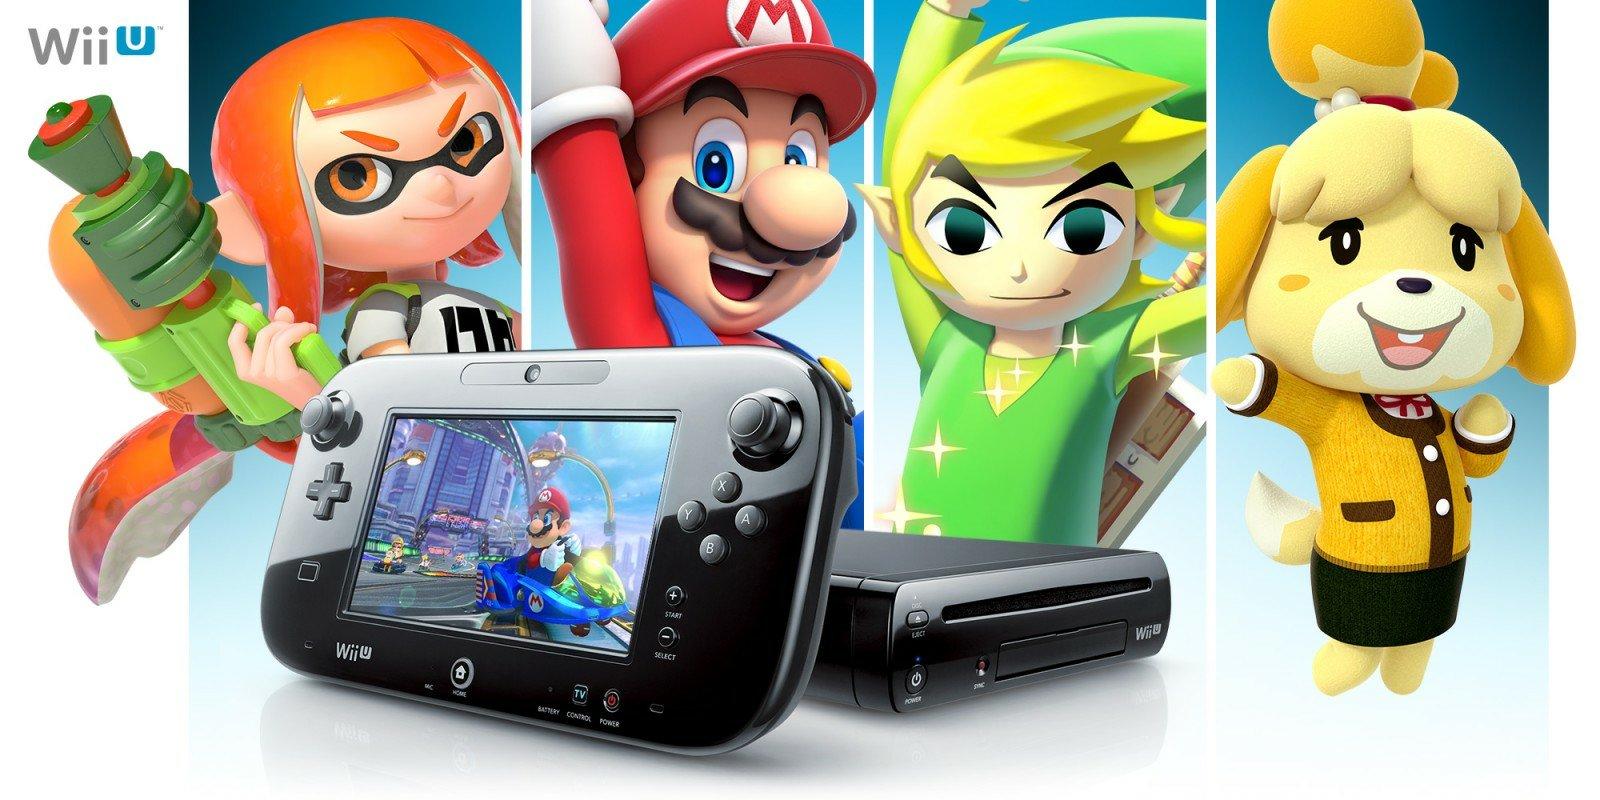 Wii U 5.5.5